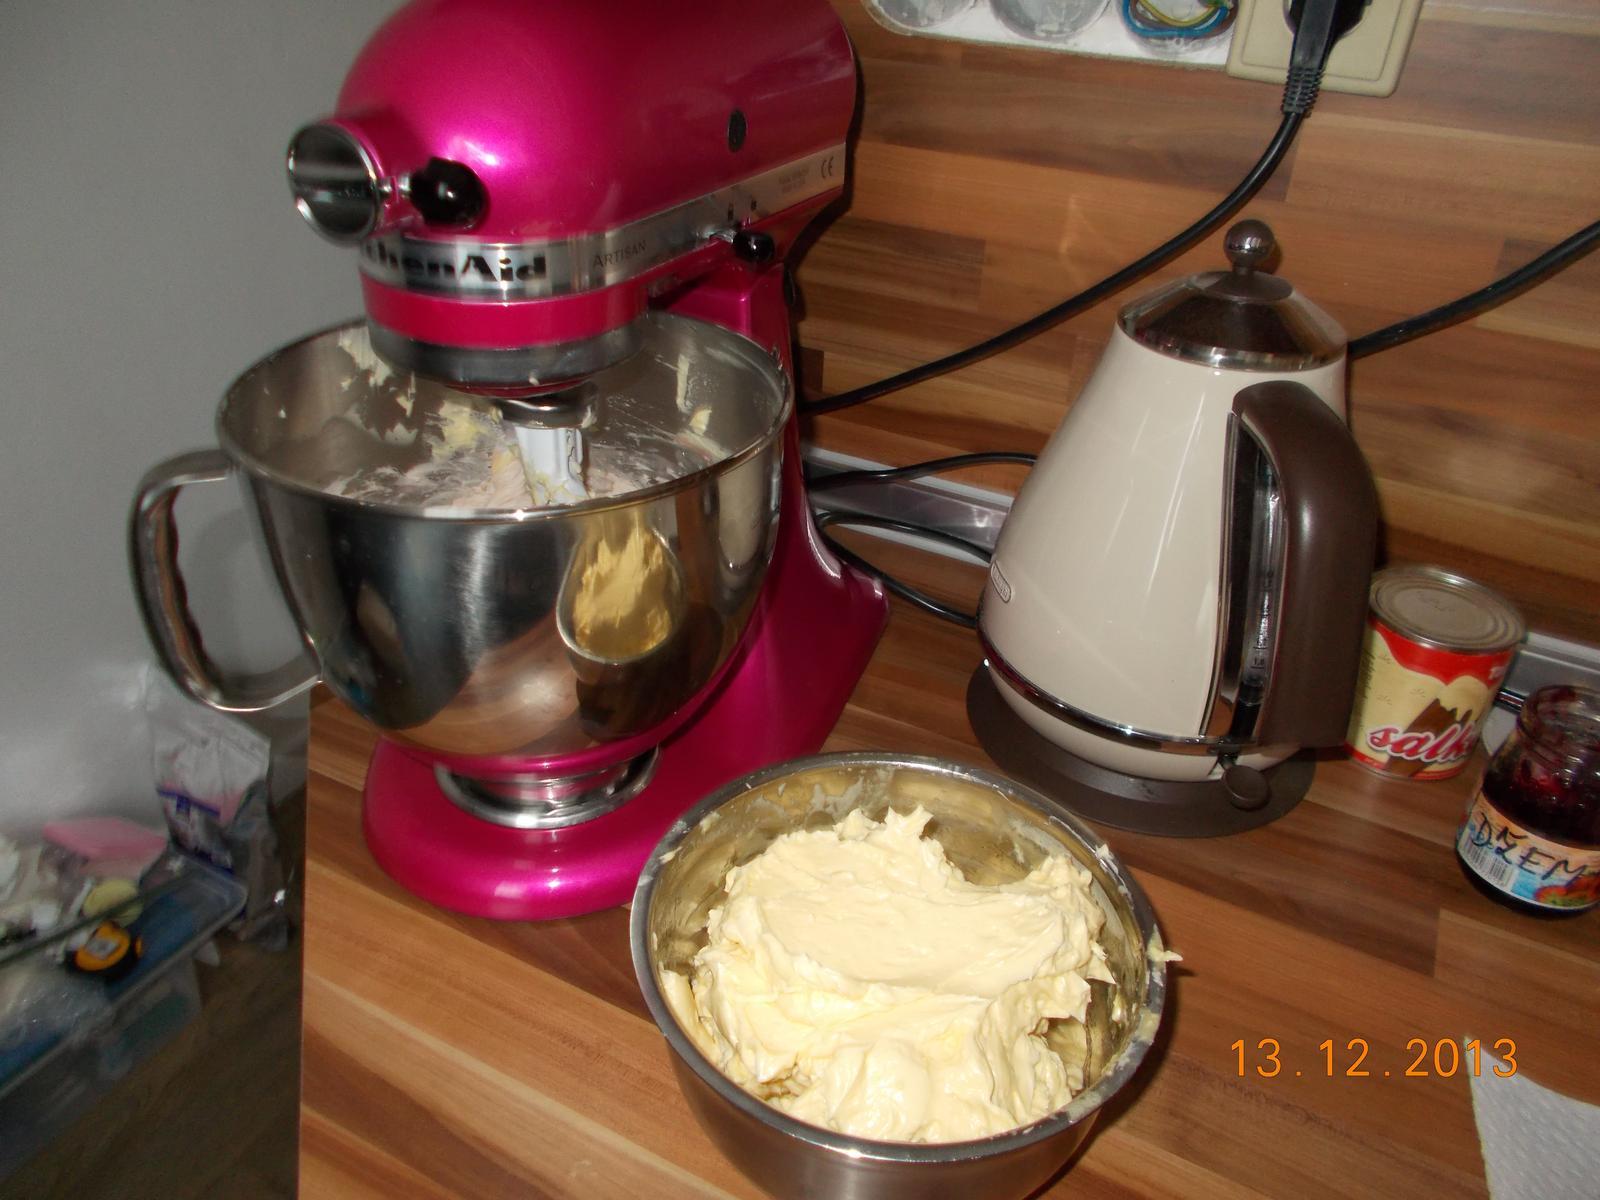 Pečení,vaření,grilování.....je libo něco dobrého do bříška ................ - Robot v akci.....